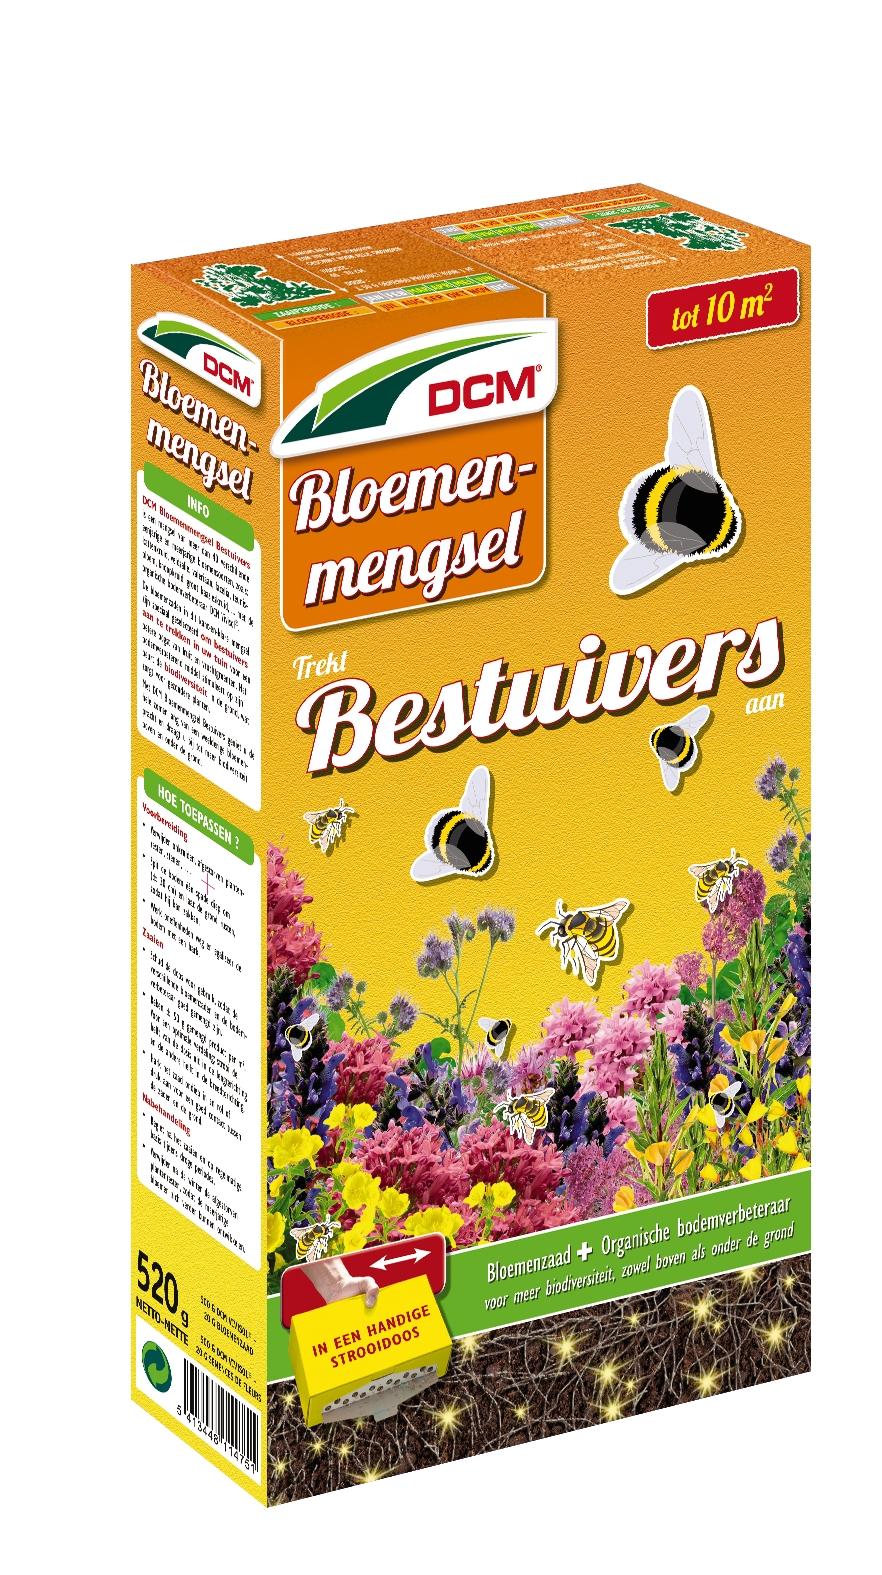 bloemenmengsel